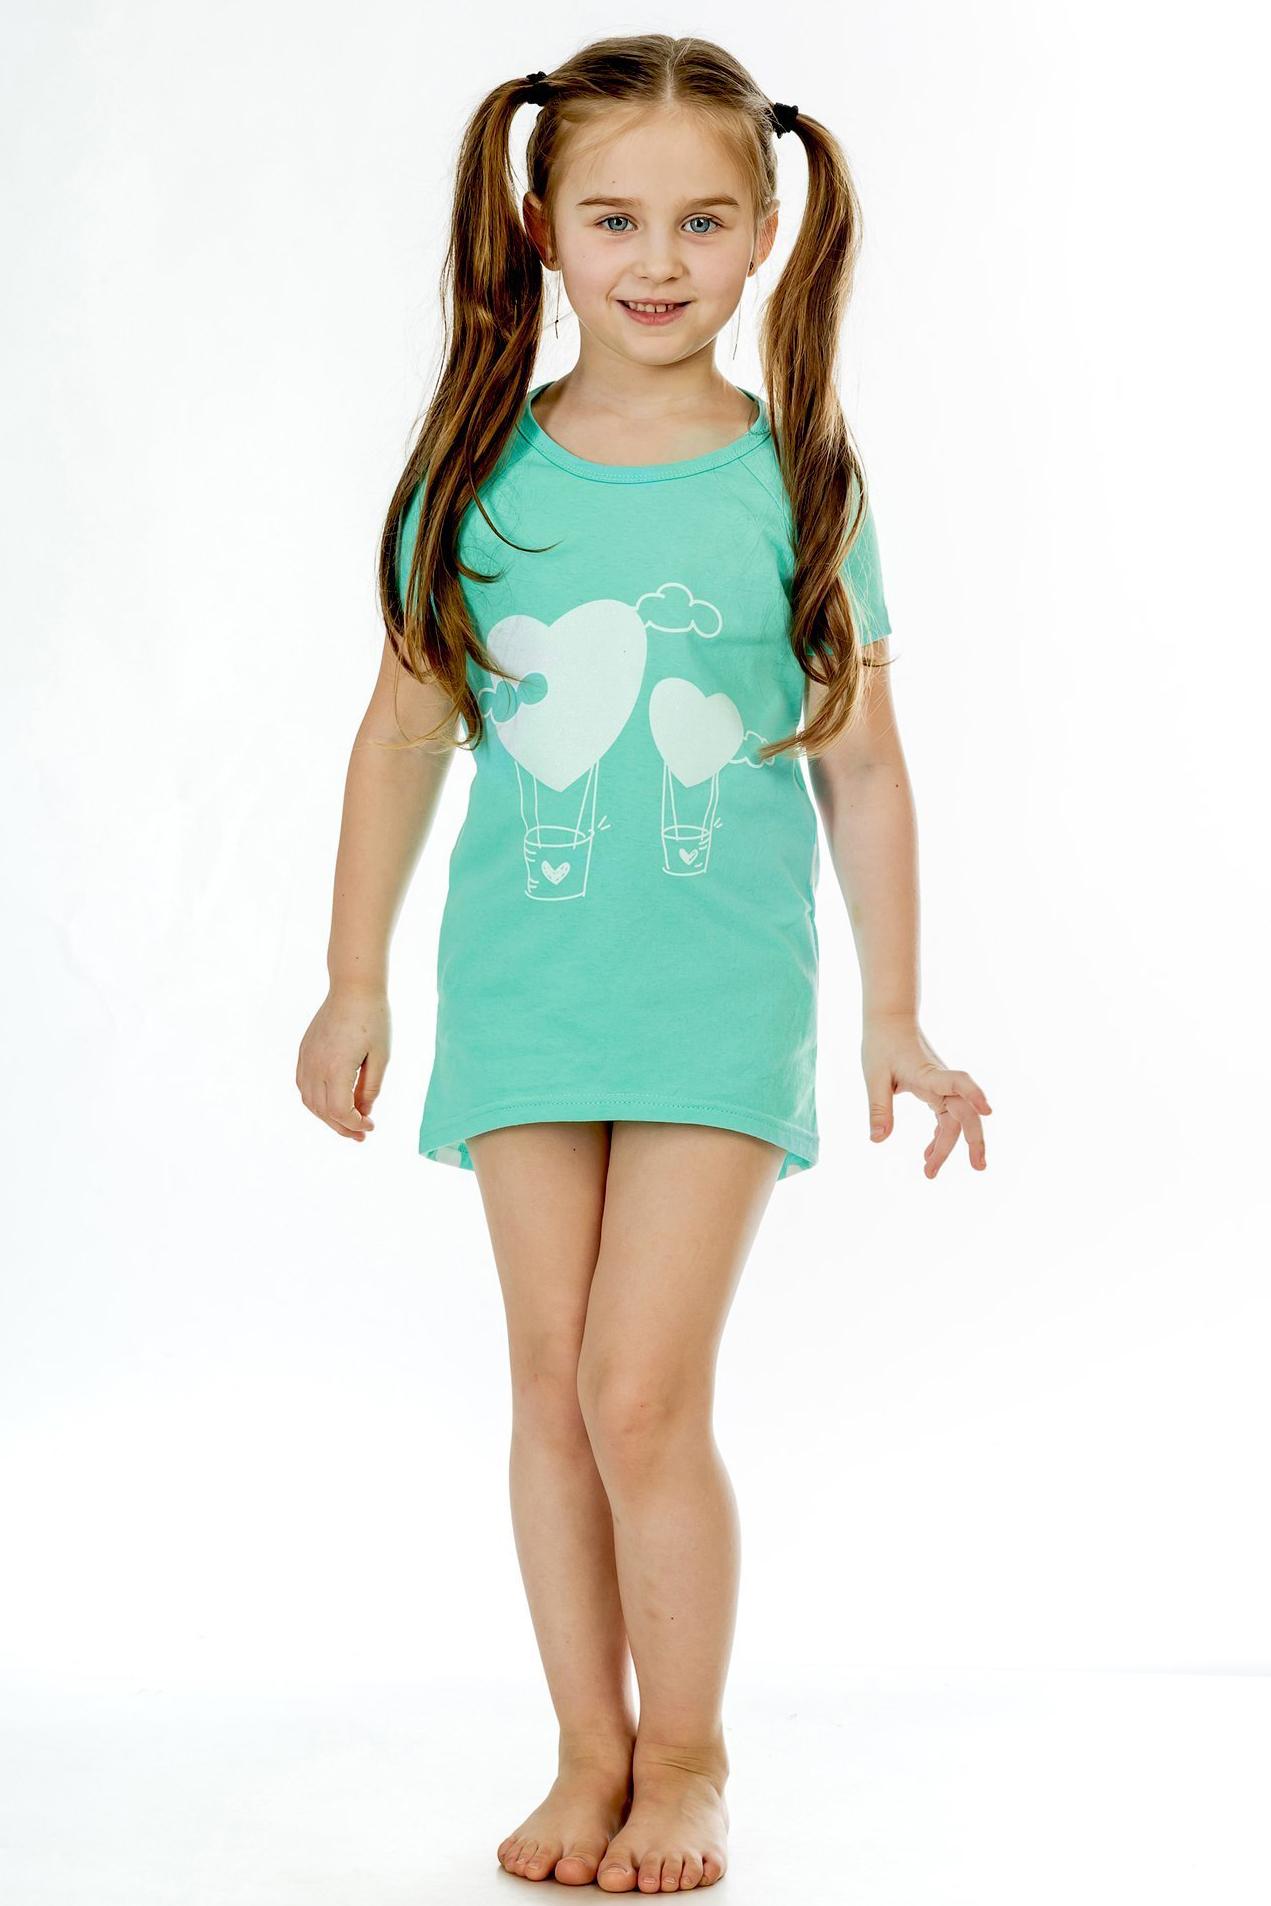 Детские туники, сарафаны Pastilla Туника Стелла Цвет: Ментол (7-8 лет) купить часы мальчику 7 лет